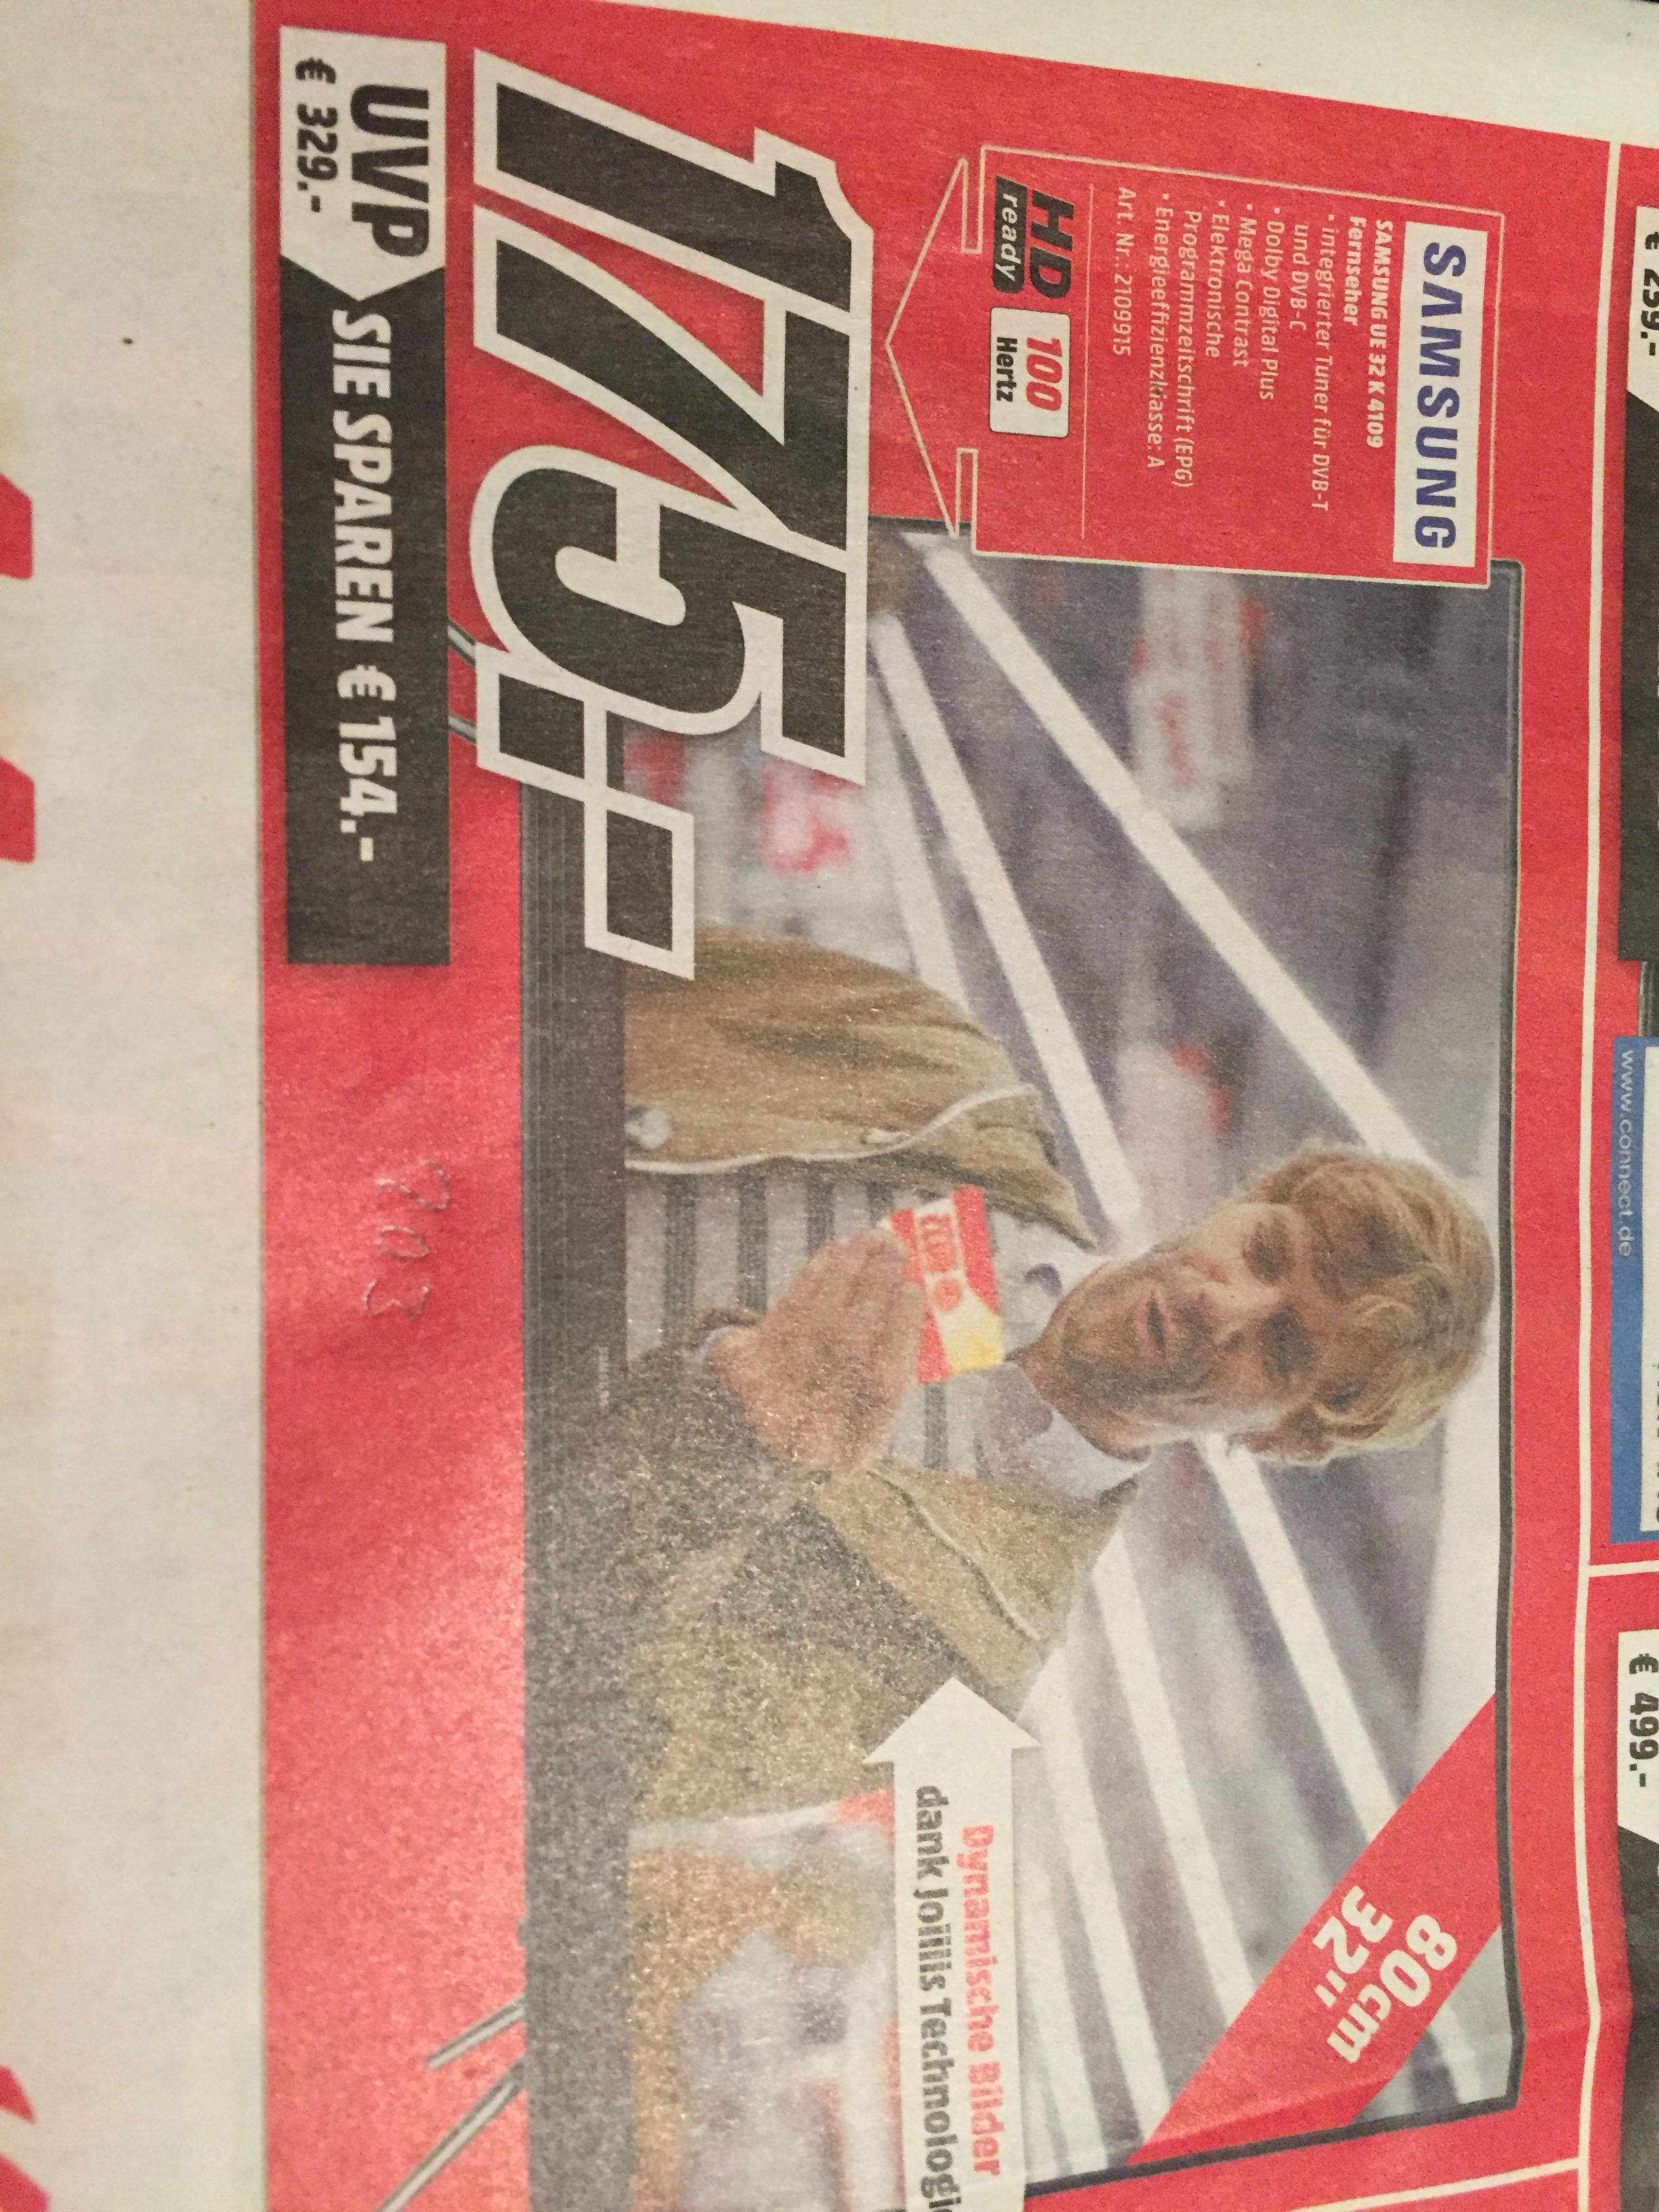 MediaMarkt Mannheim/Ludwigshafen - TV 175,00€ - Samsung UE 32 K 4109 - Gilt nur MORGEN am 23.01.2017